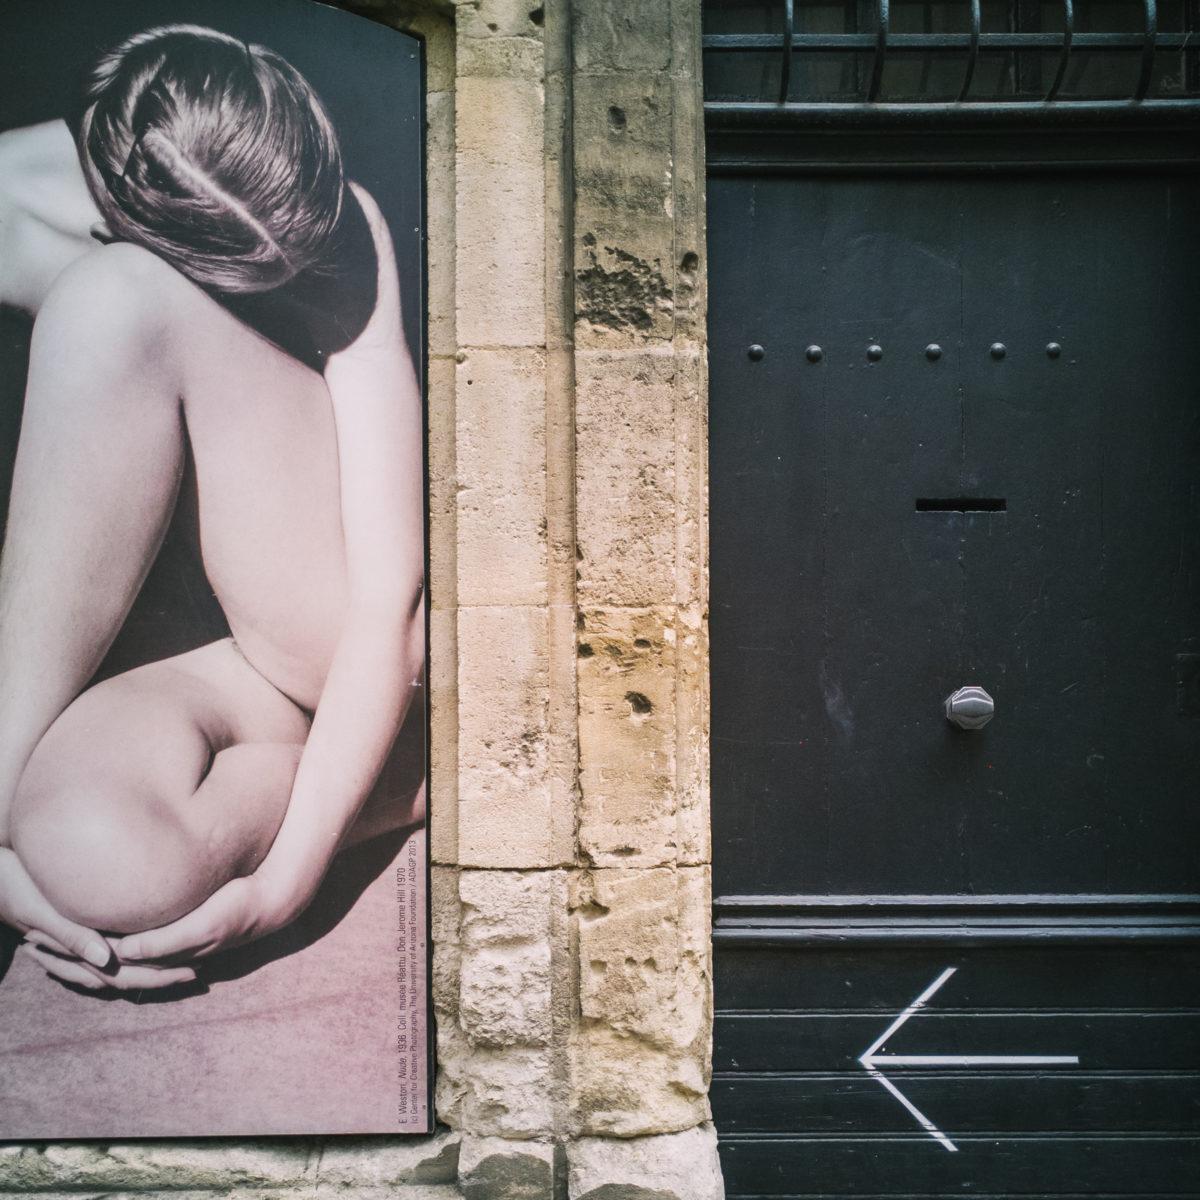 aliocha boi arles photographie surfaces mur streetart3 - Le photographe Aliocha Boi révèle la façade street d'Arles